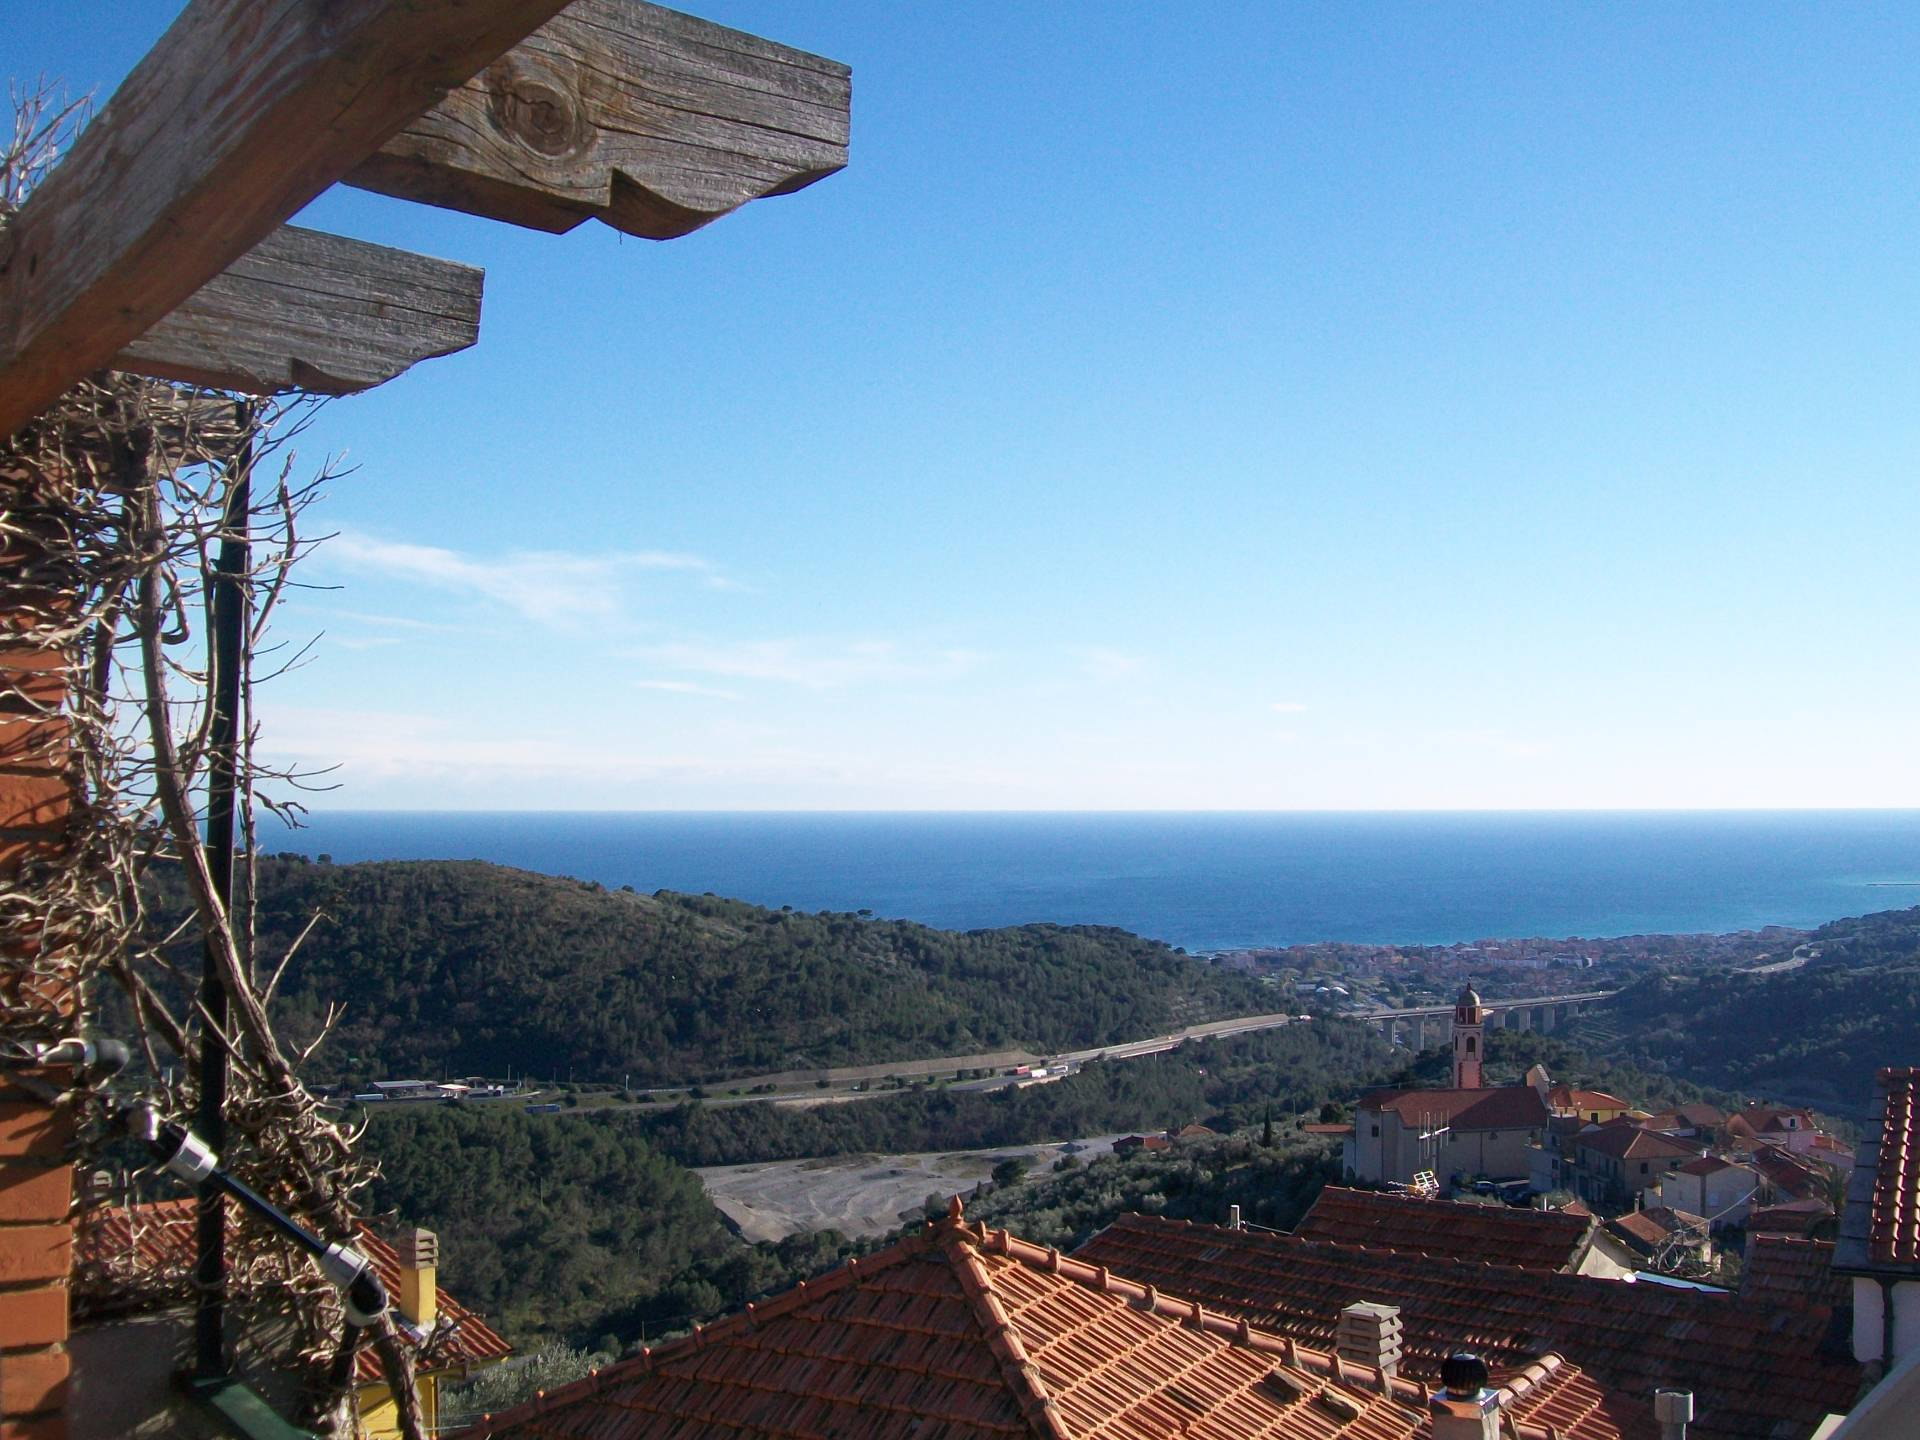 Appartamento in vendita a San Bartolomeo al Mare, 5 locali, zona Zona: Chiappa, prezzo € 98.000 | CambioCasa.it